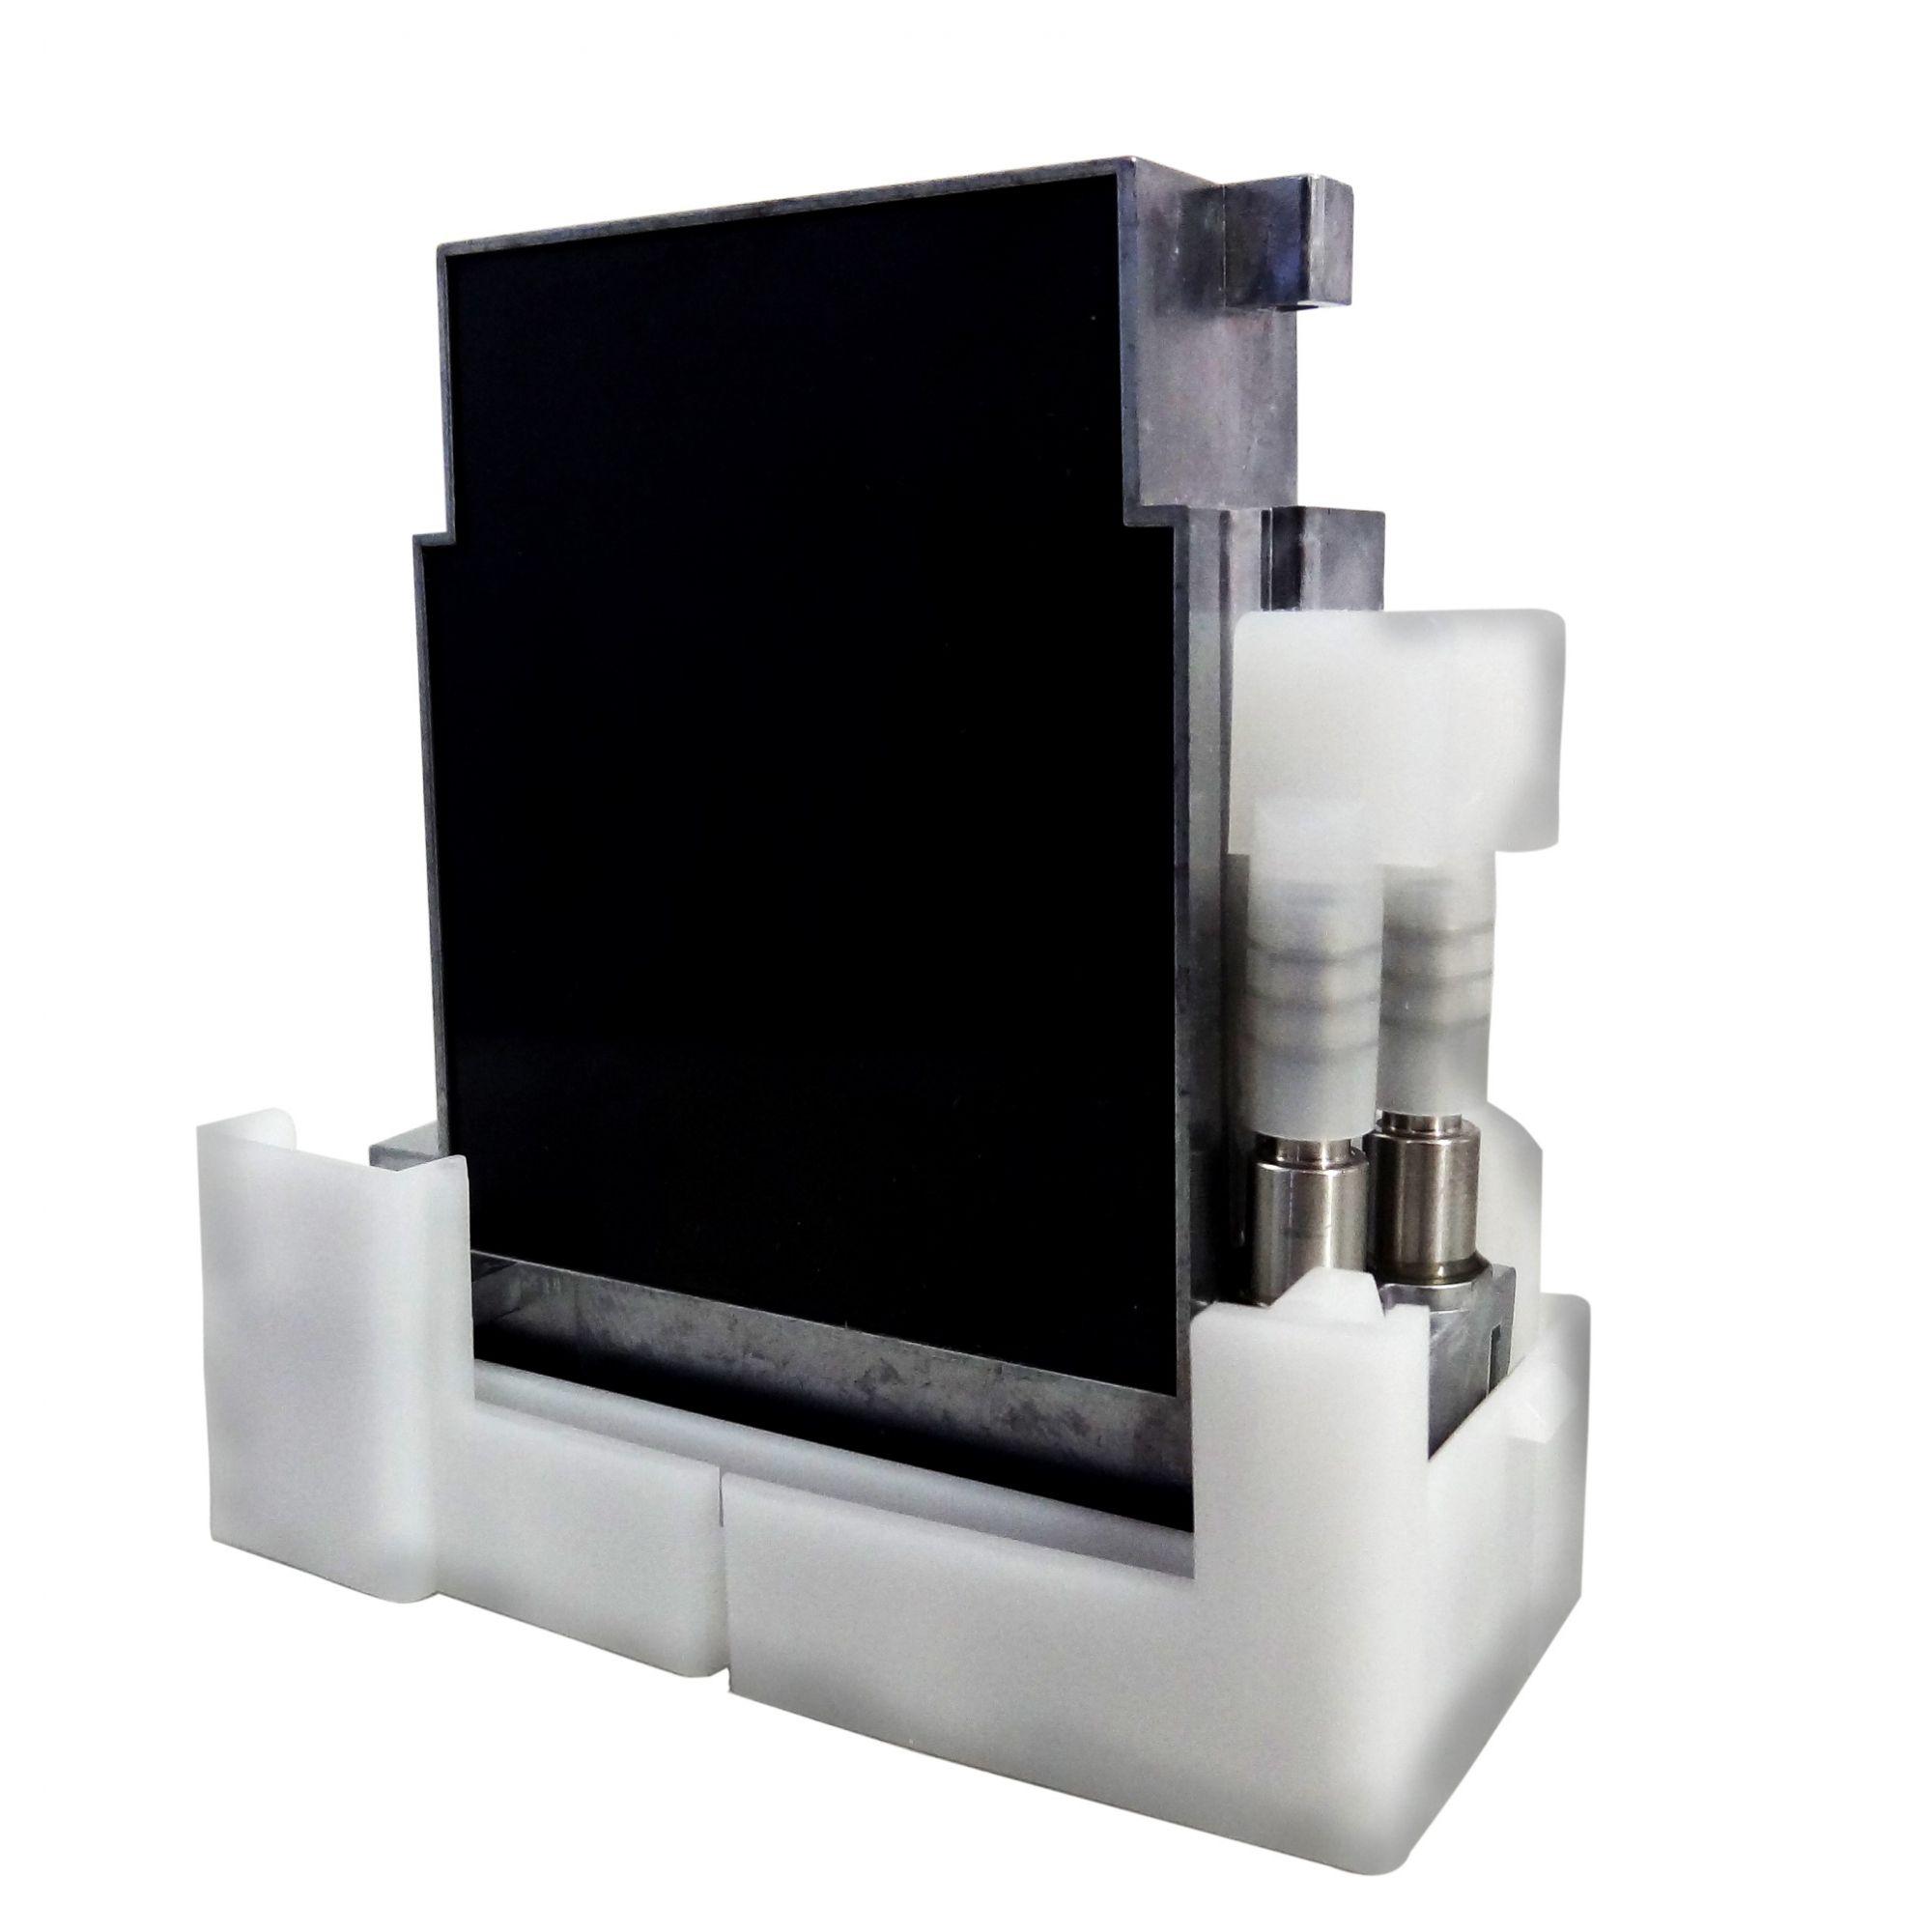 KIT Manutenção Konica - Cabeça + Bomba + Filtro de tinta e de AR